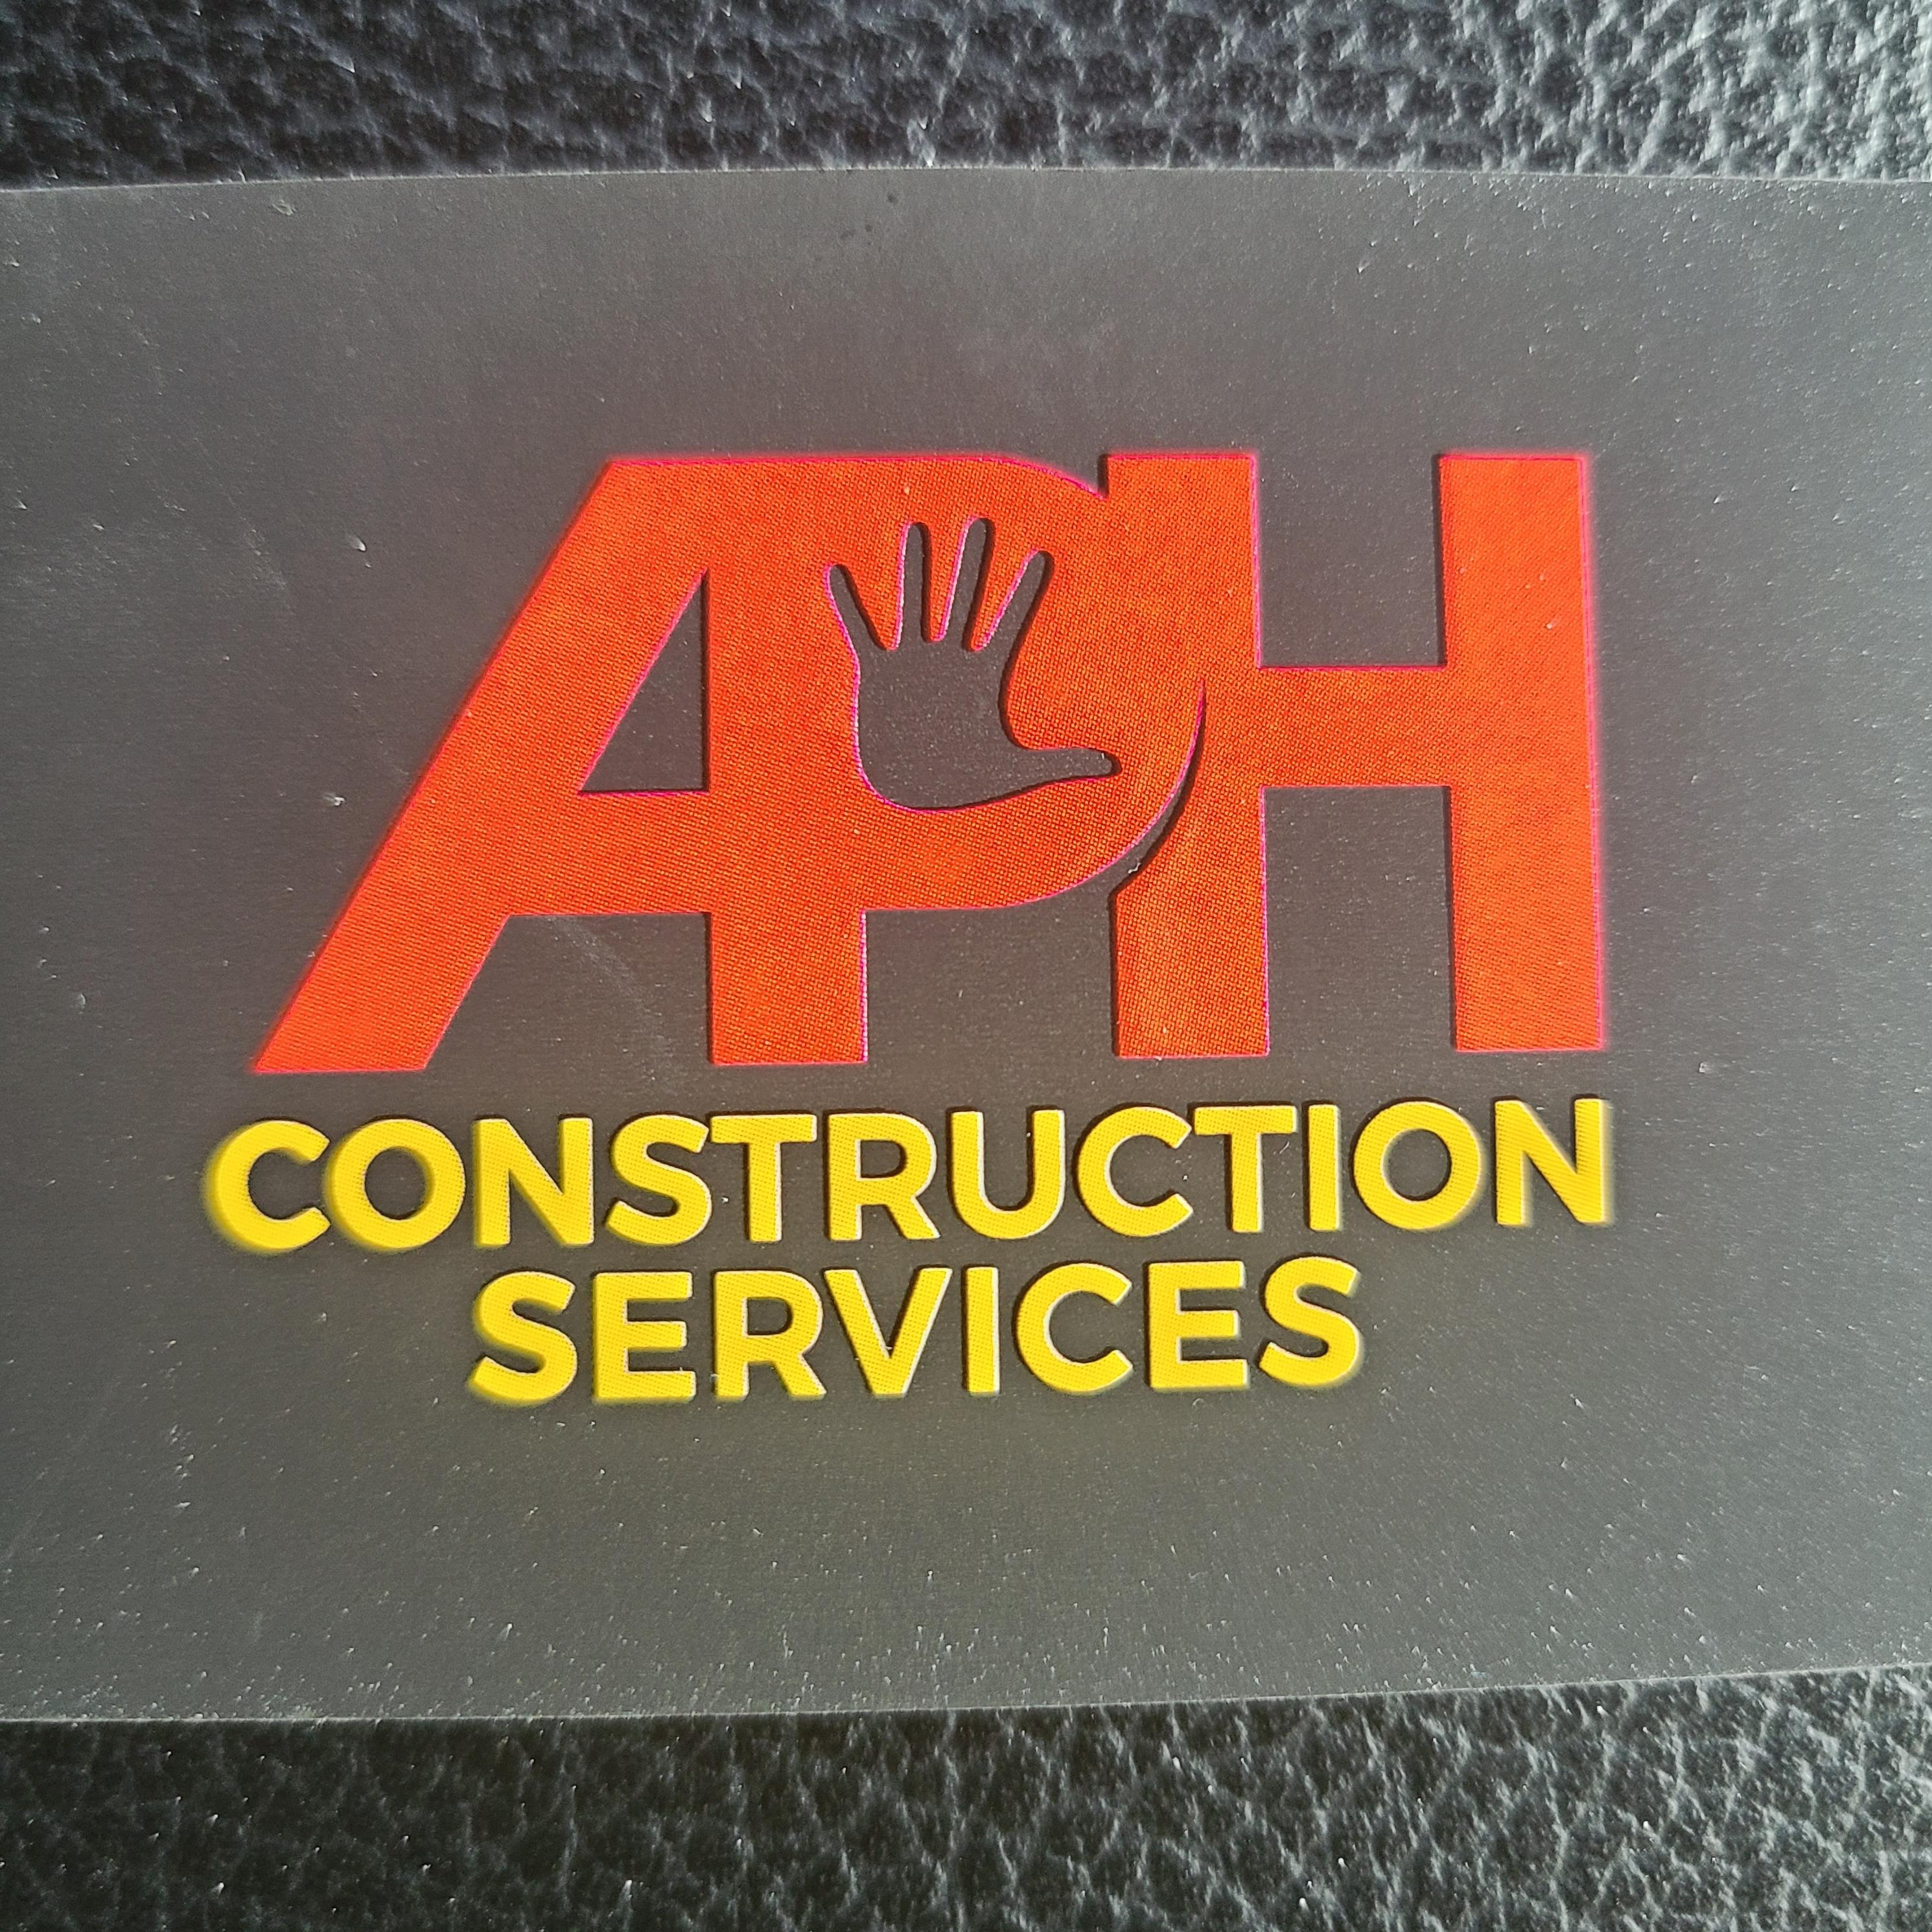 APH Construction Services LLC